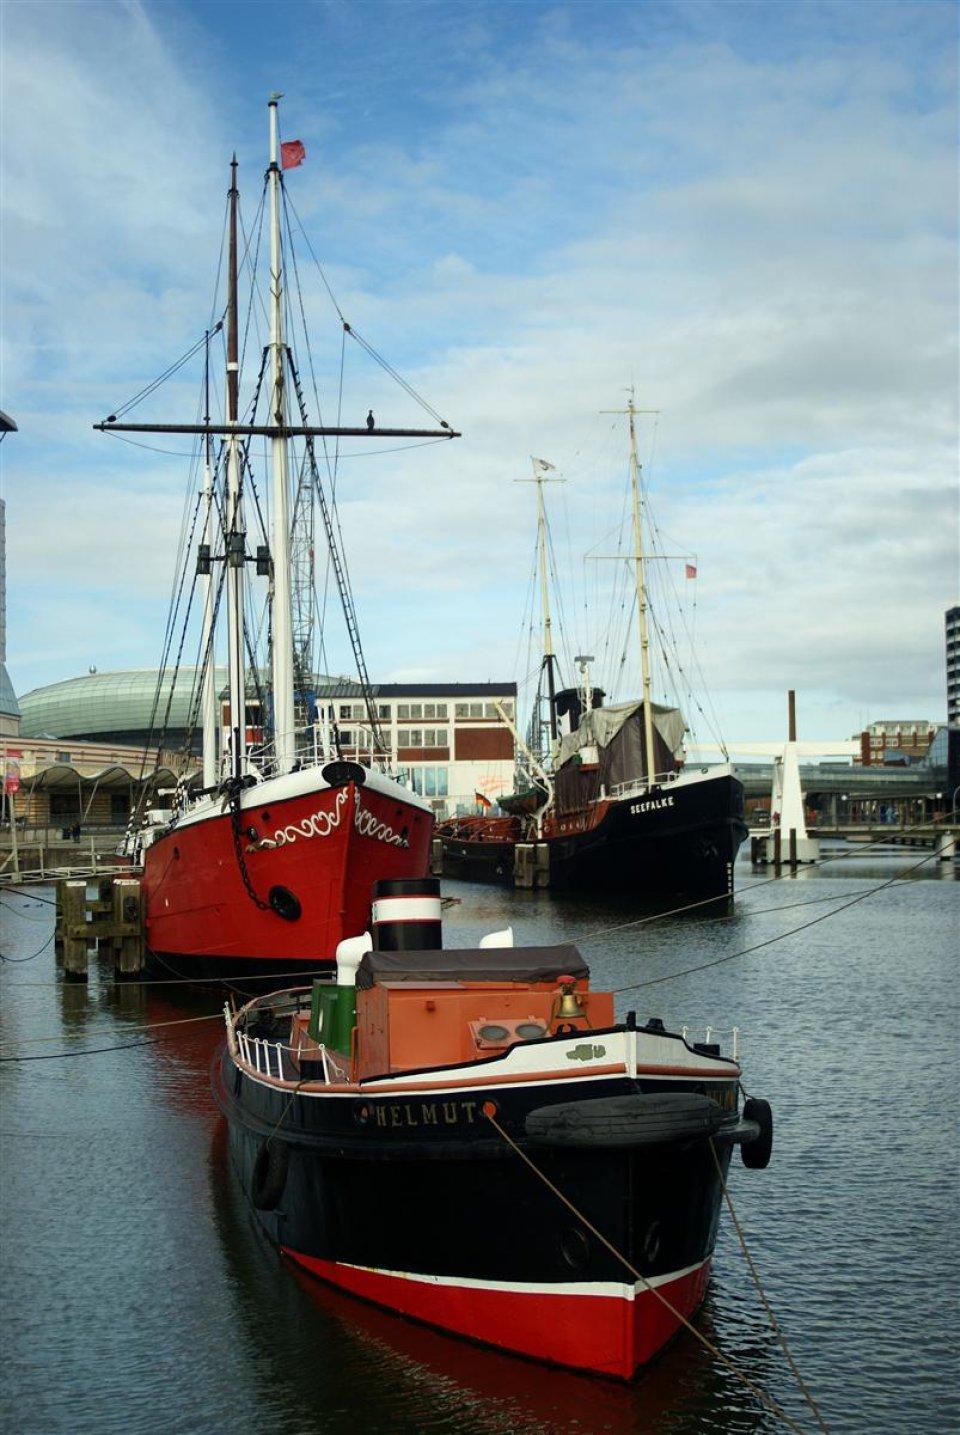 Ein kleines schwarz rotes Schiff und zwei dahinter liegende größere Schiffe mit Masten liegen in einem kleinen Hafenbecken.